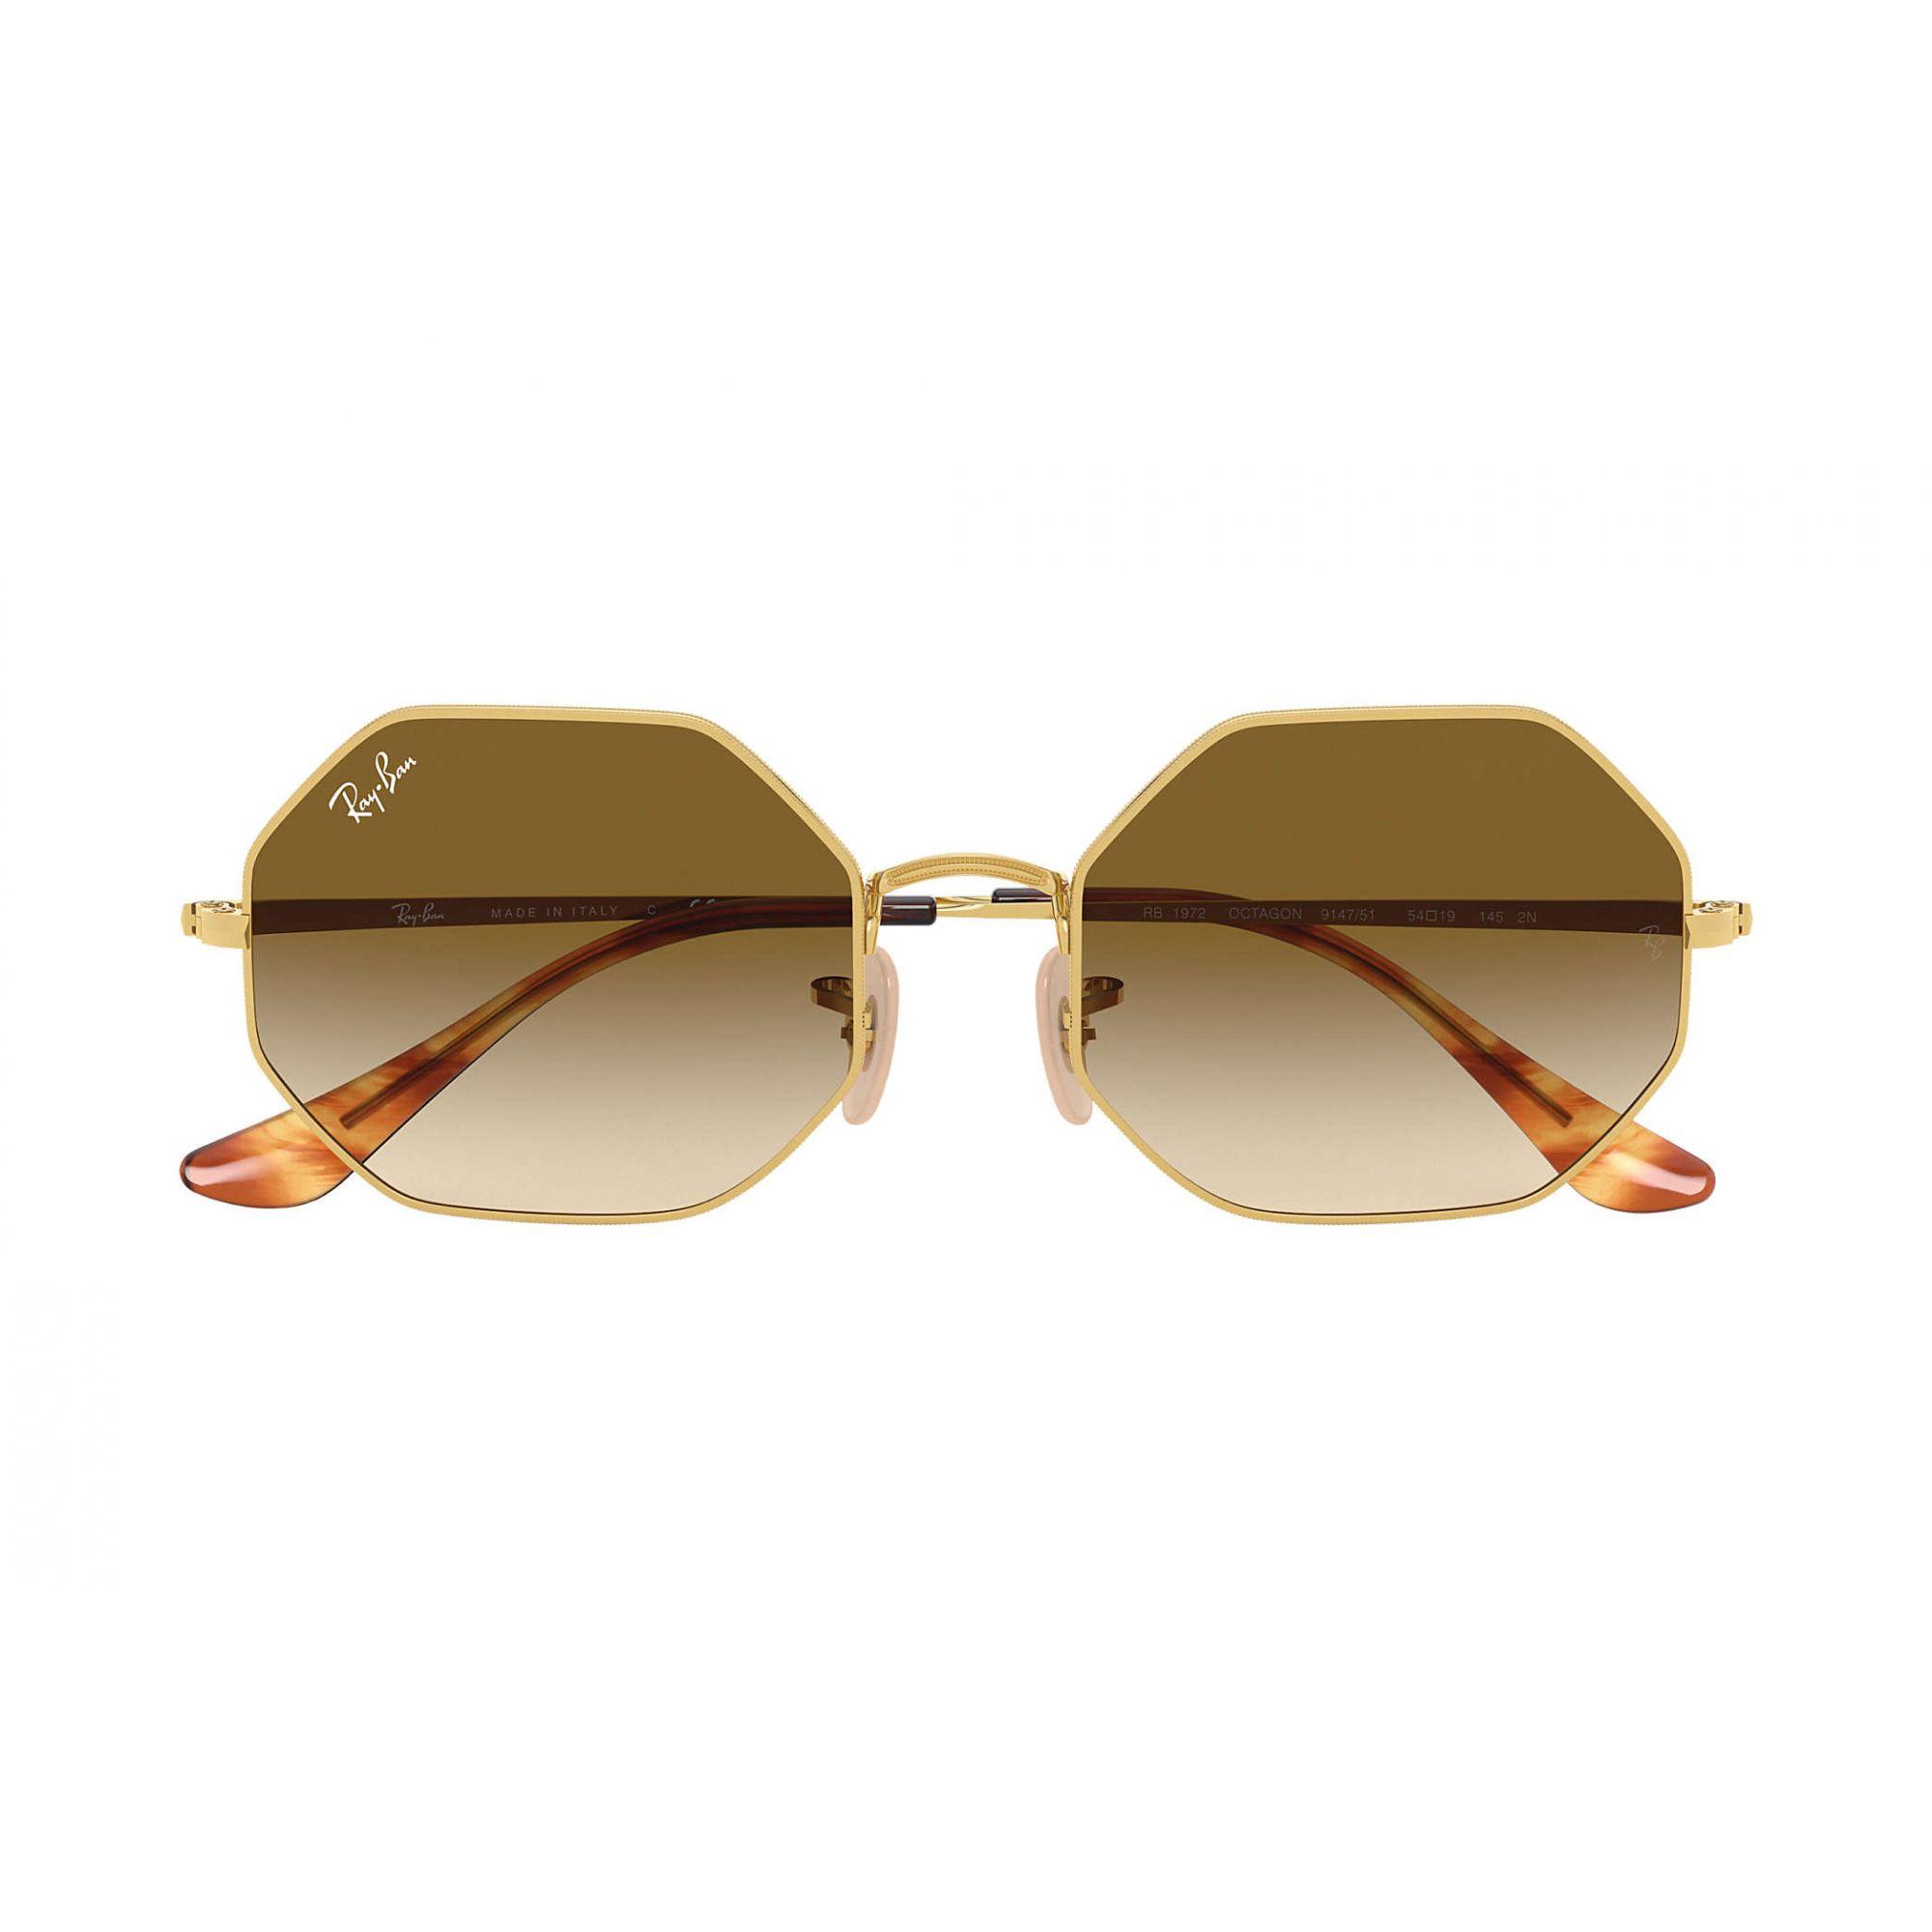 Ray Ban - RB1972 914751 - Óculos de sol